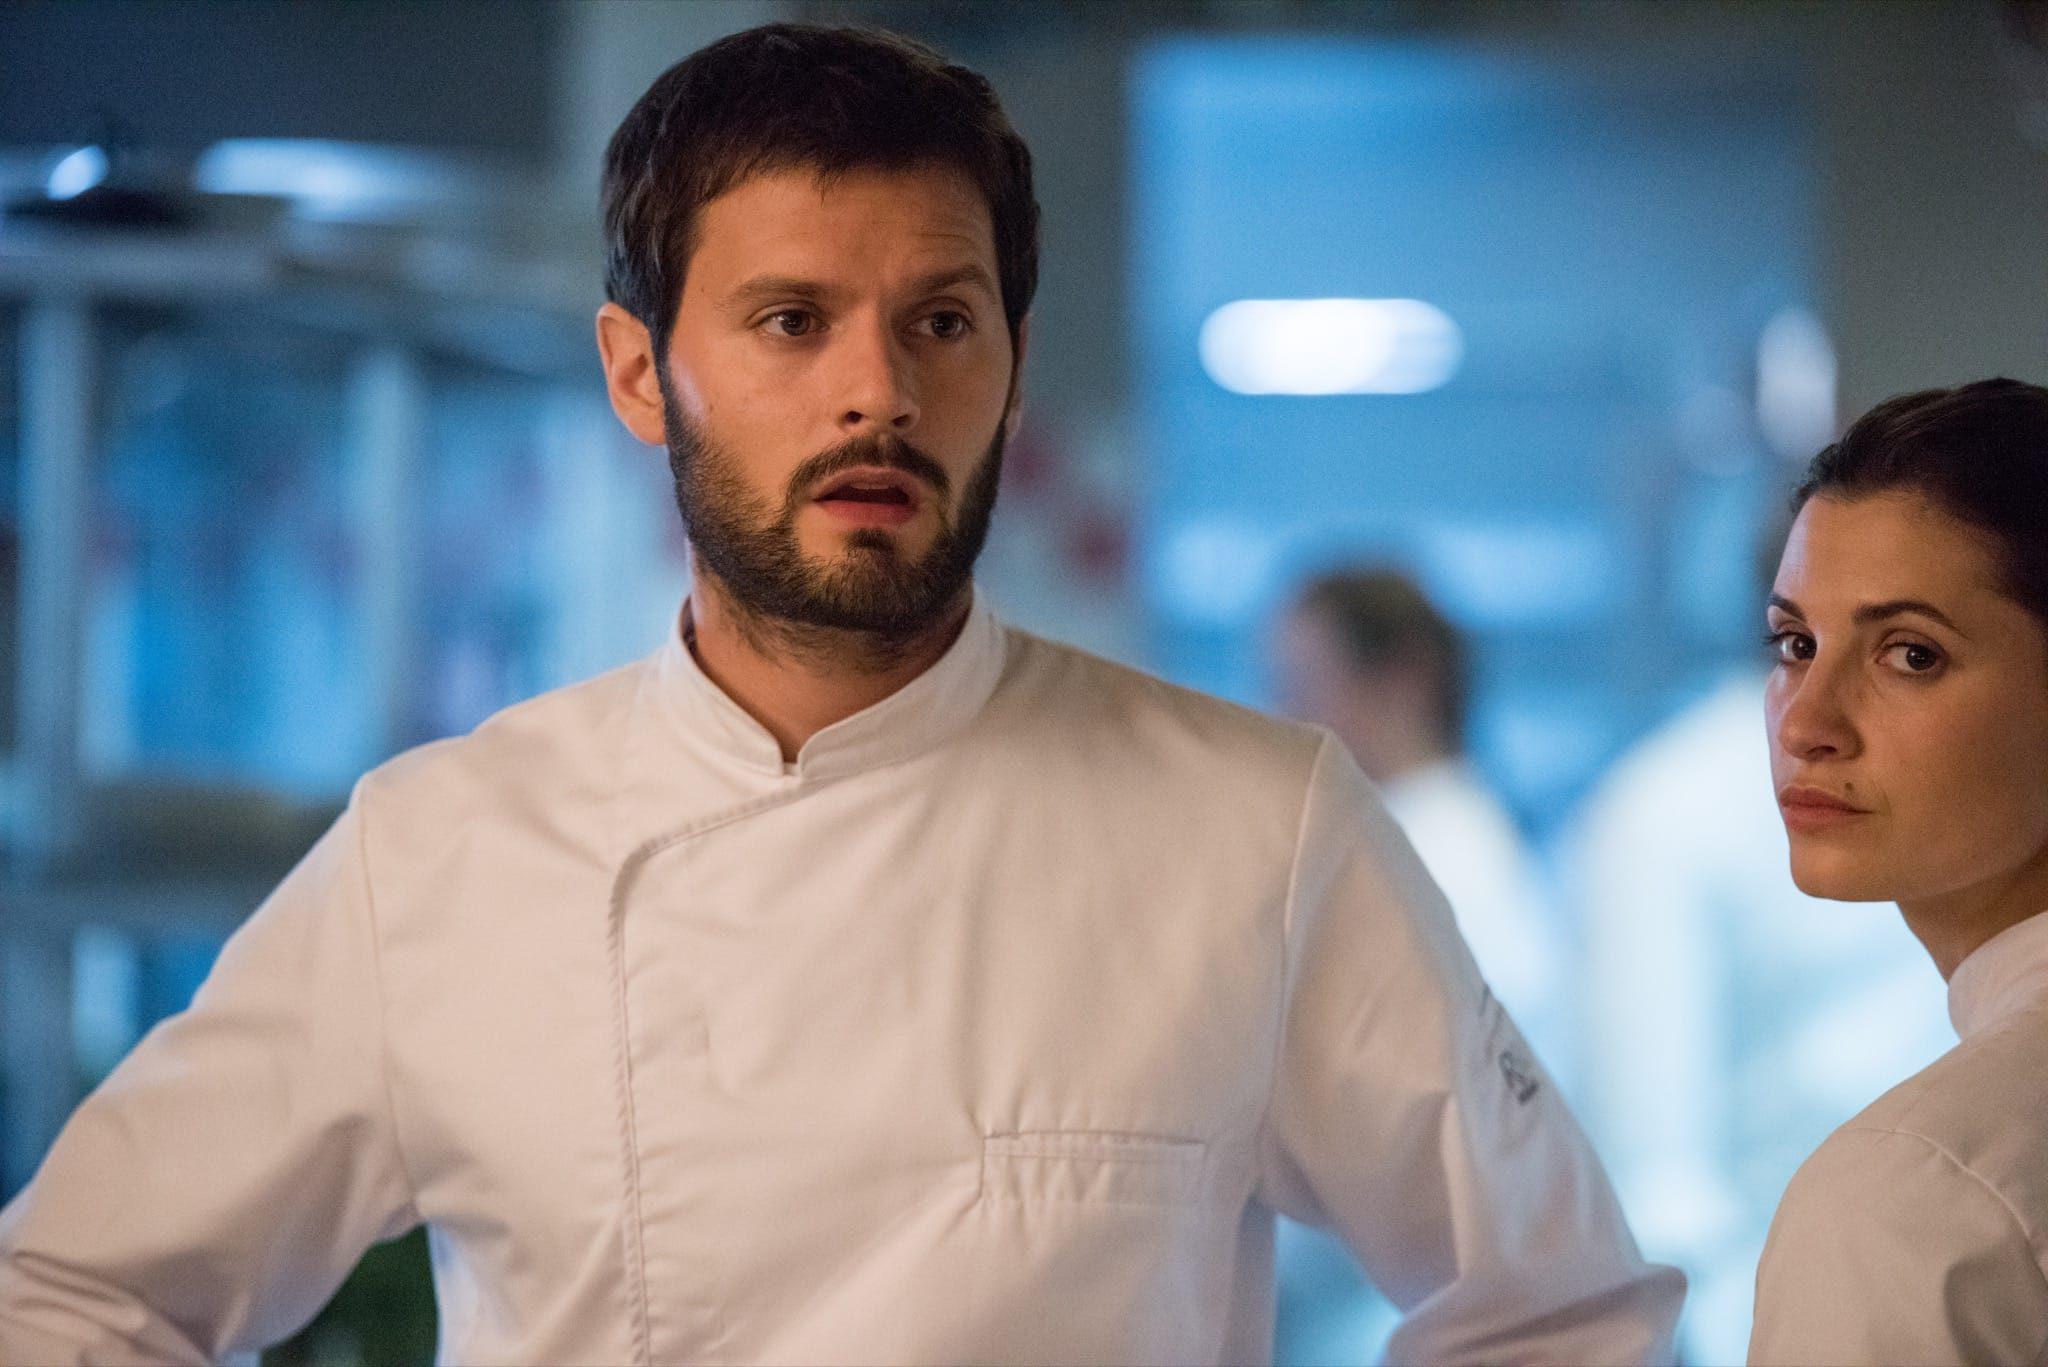 chefs-saison-2-episode-1-image01